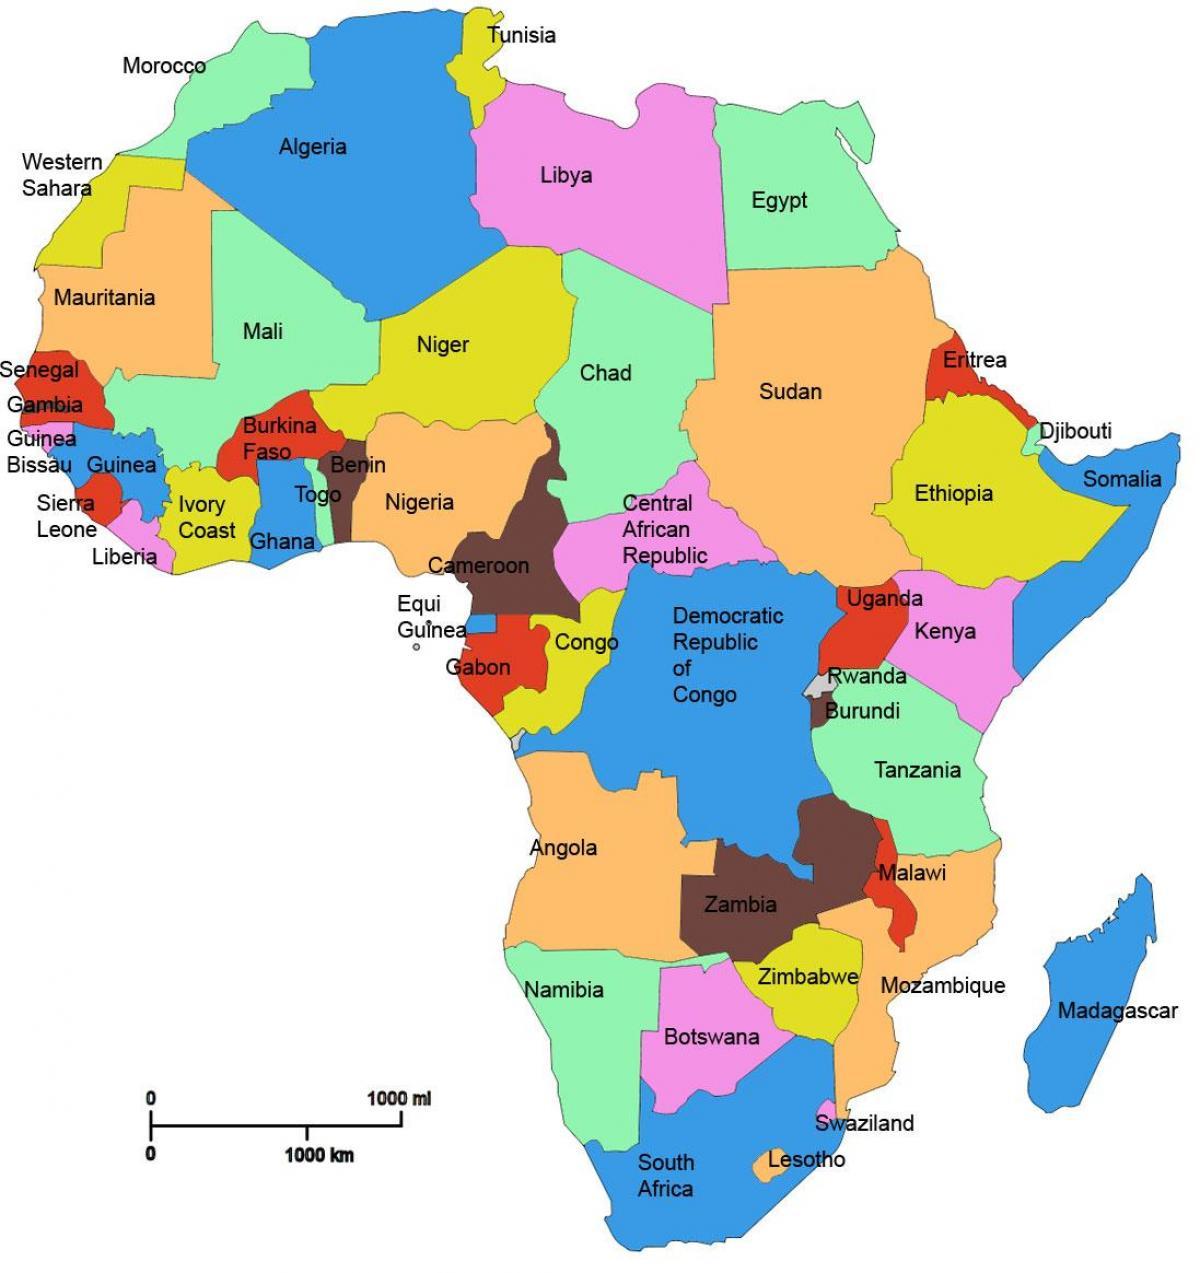 Karte Afrika.Tansania Afrika Karte Karte Von Afrika Zeigt Tansania Ost Afrika